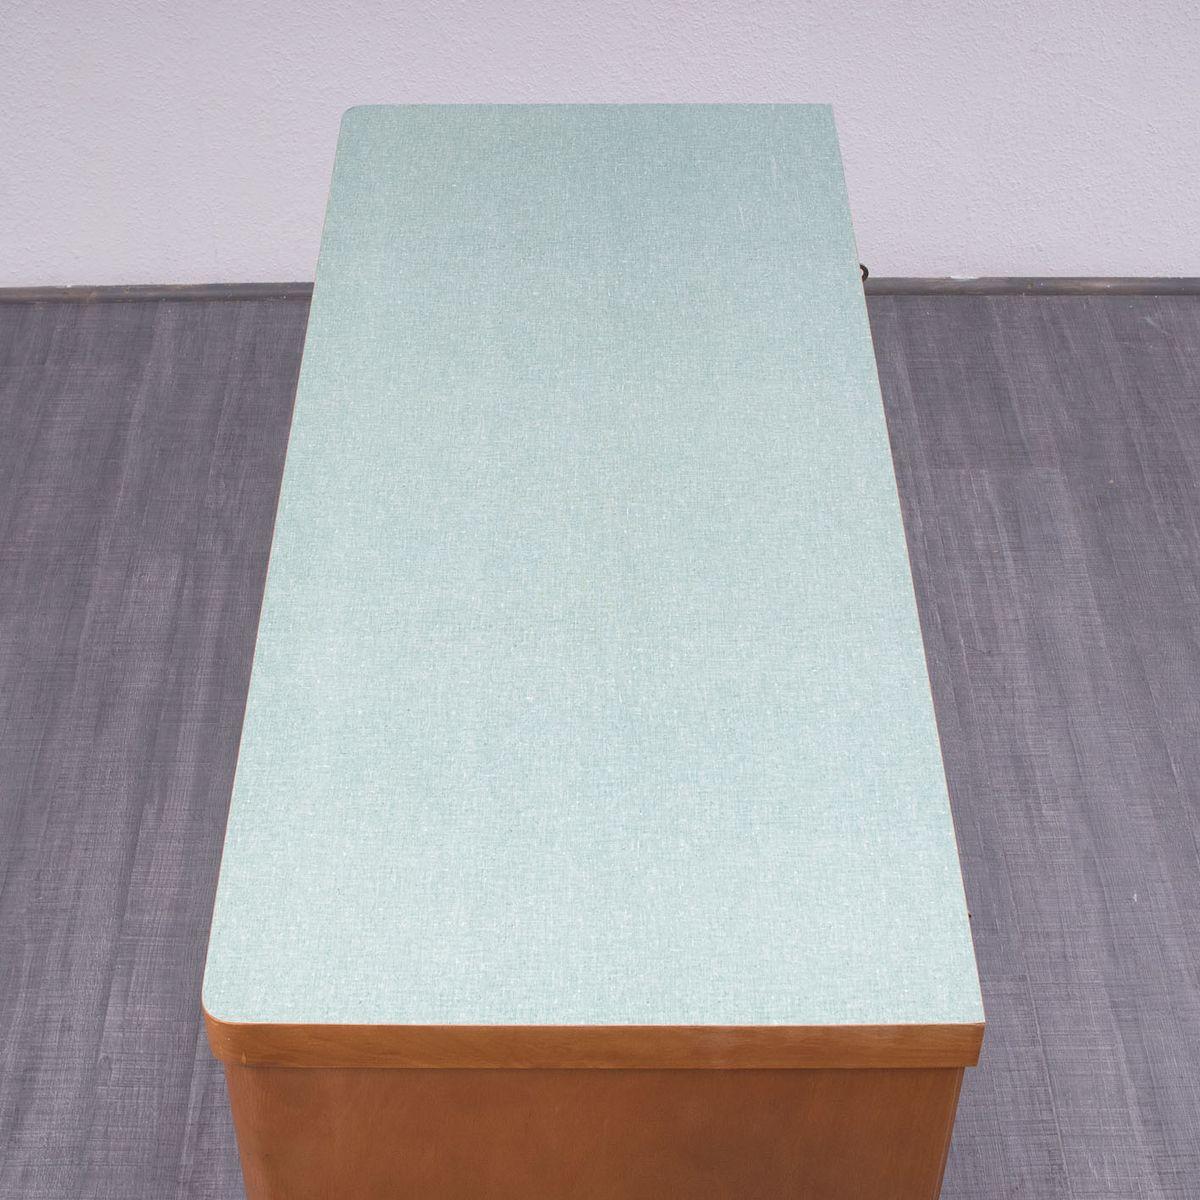 resopal schreibtisch von eka werke bei pamono kaufen. Black Bedroom Furniture Sets. Home Design Ideas